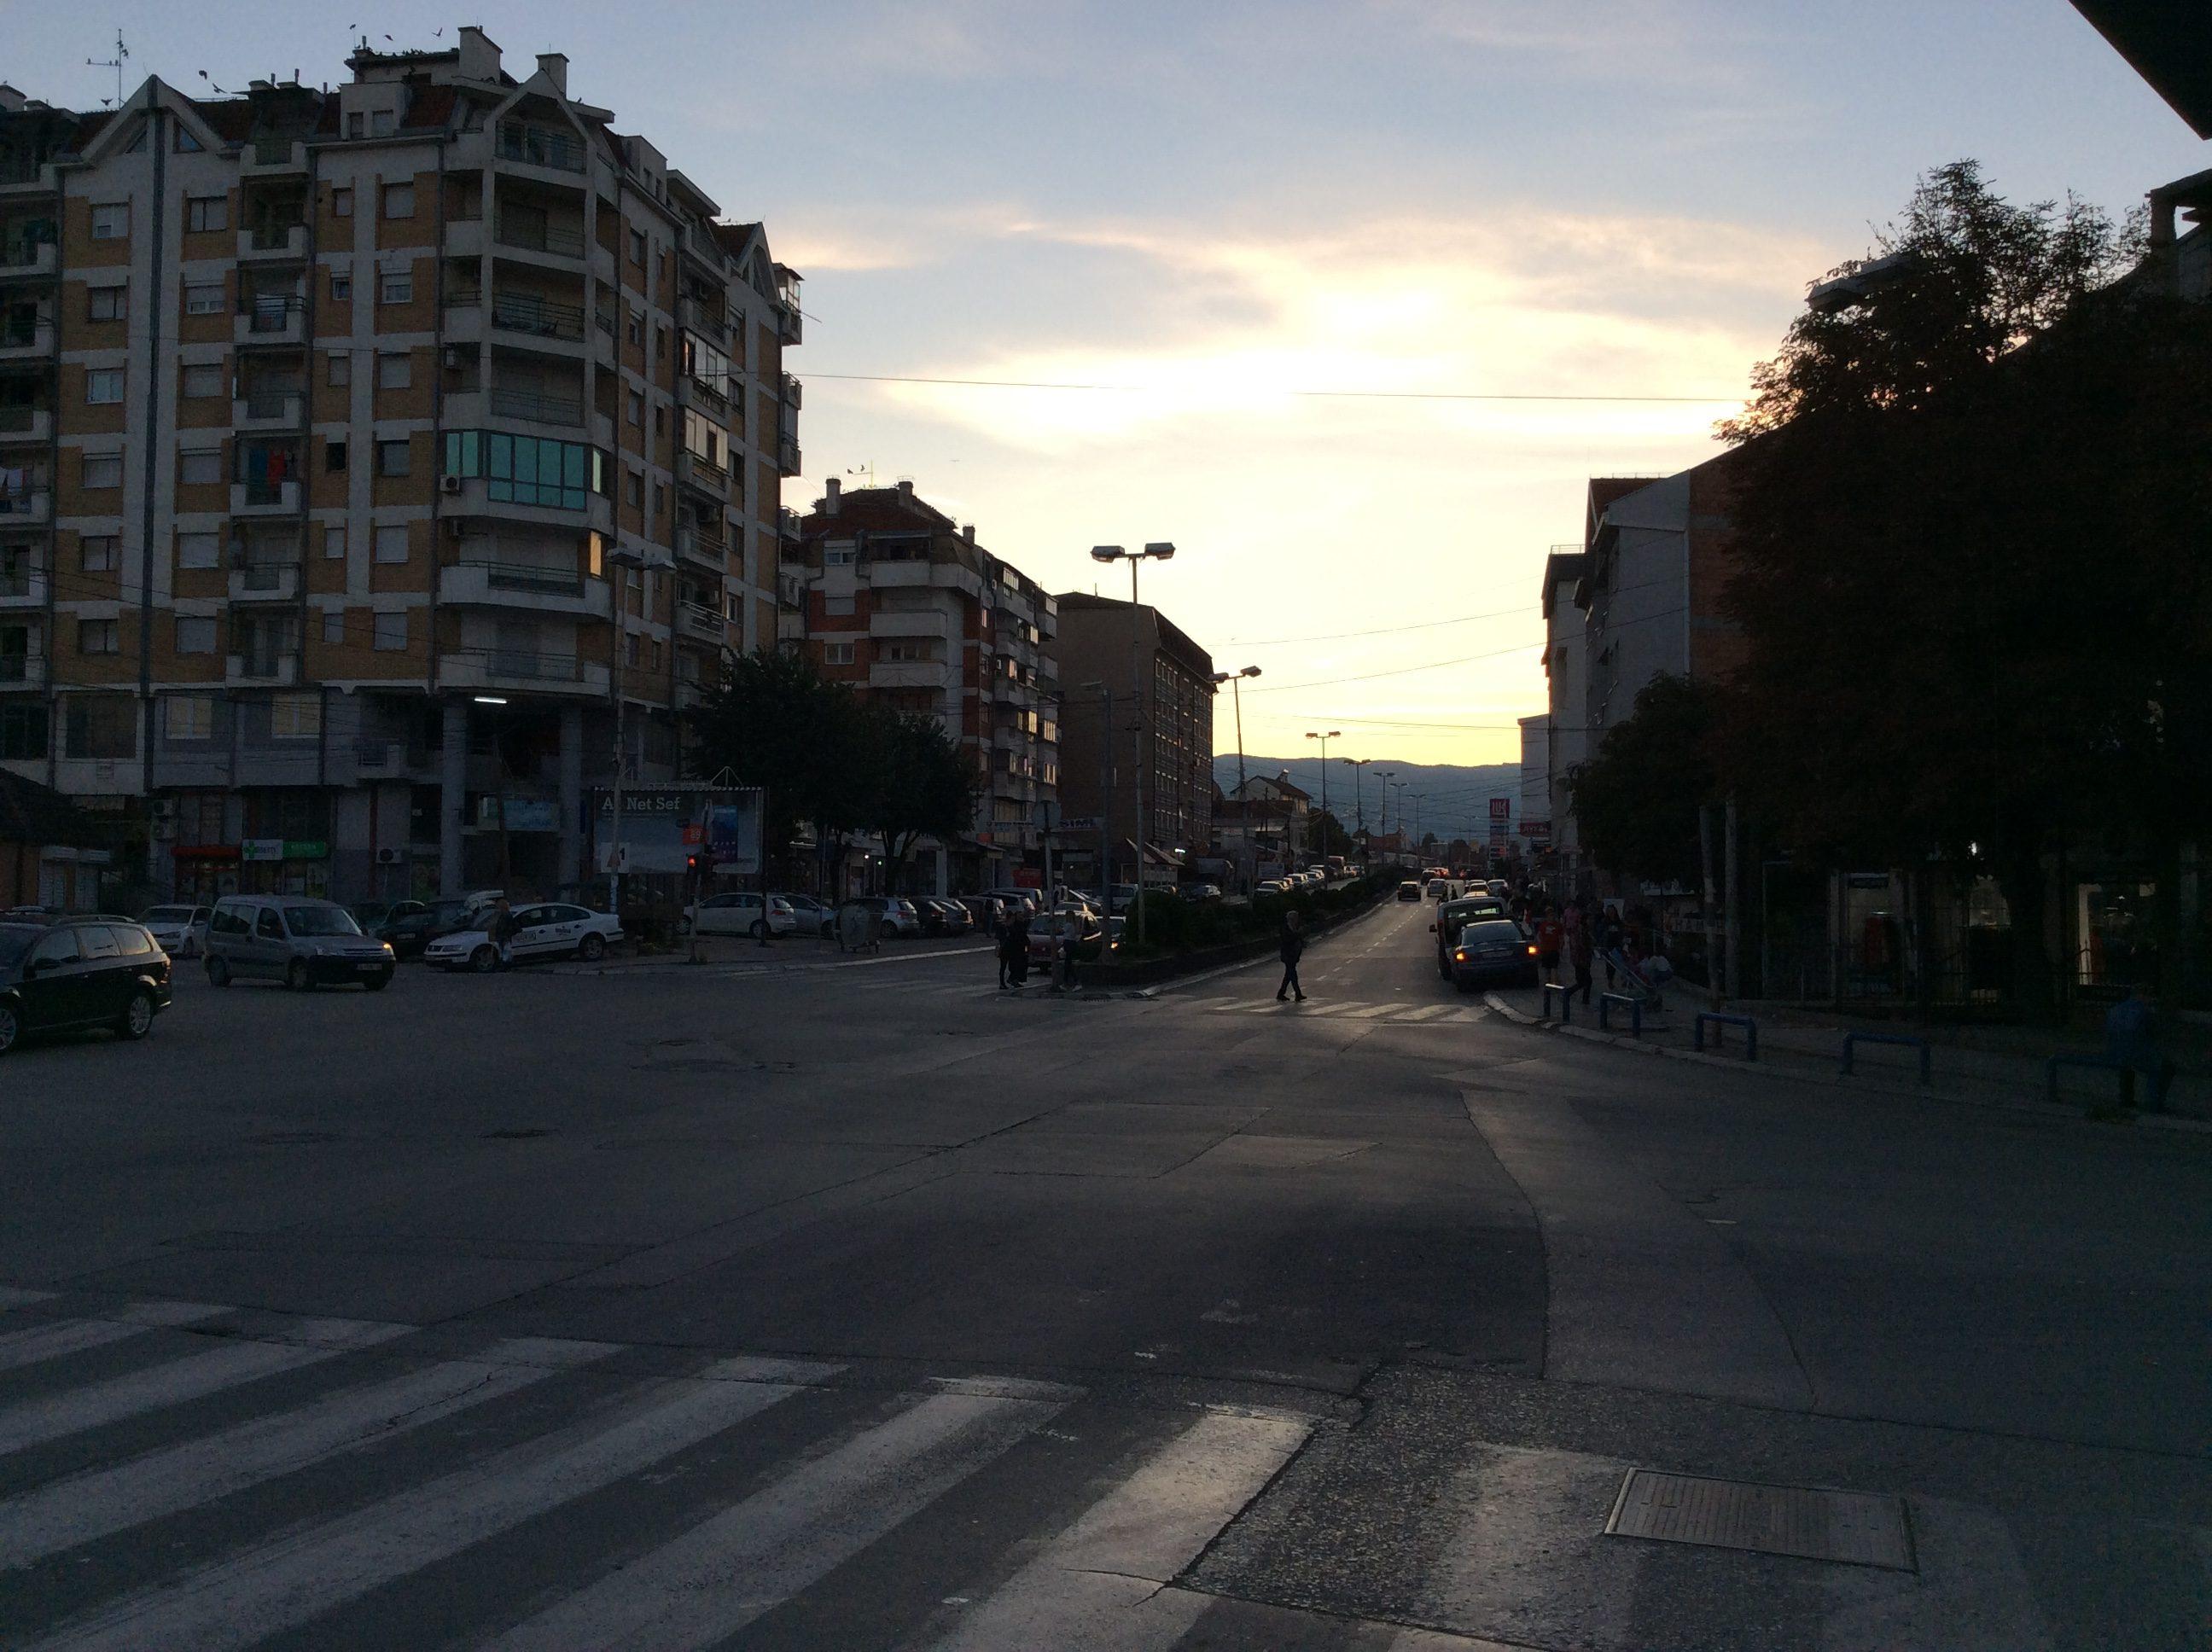 kumanovo_street_eva_cernikova_blog